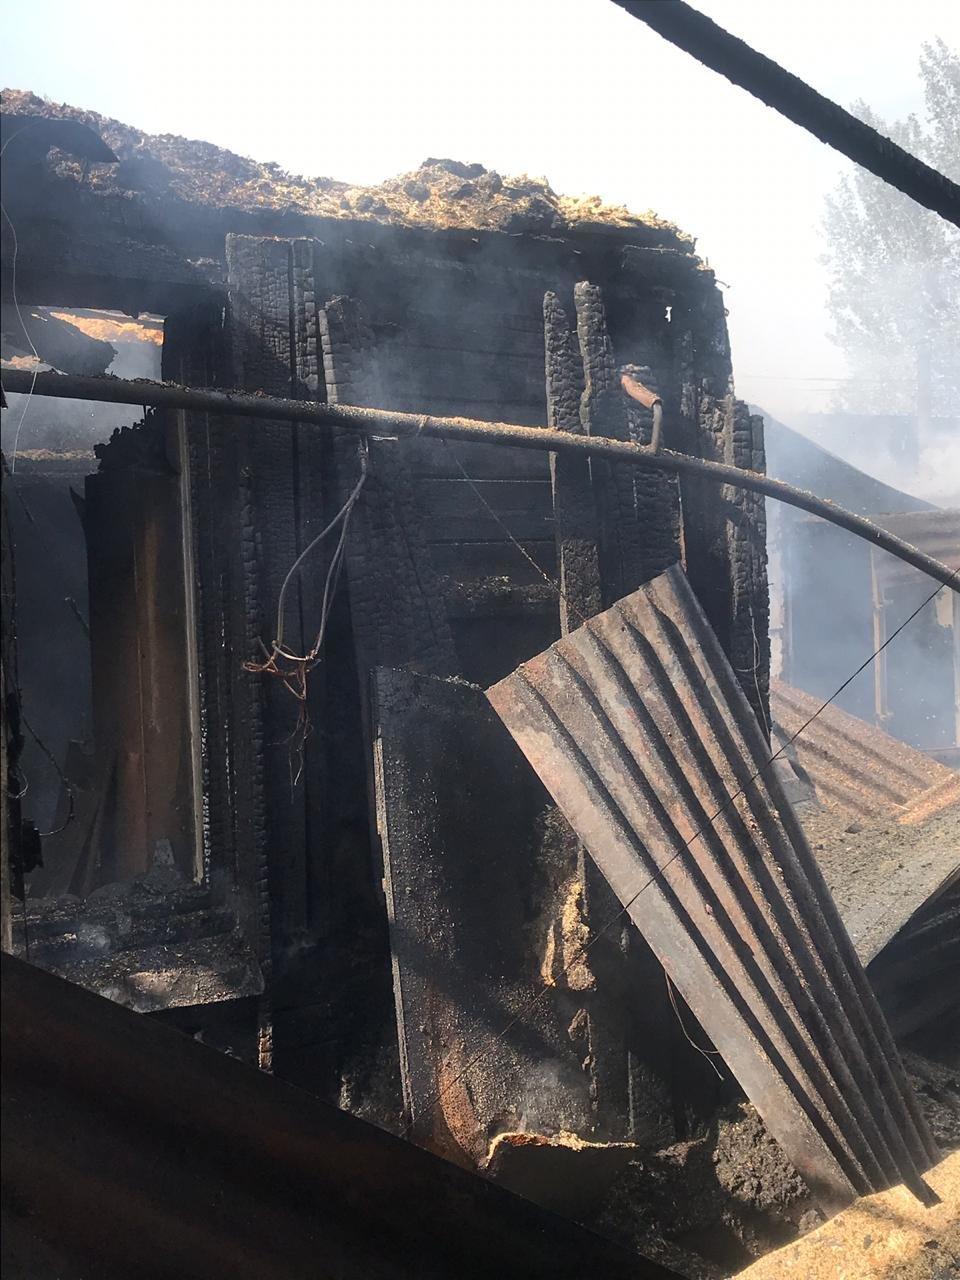 Два частных дома горели в Алмалинском раойоне Алматы, фото-1, Фото пресс-службы ДЧС Алматы